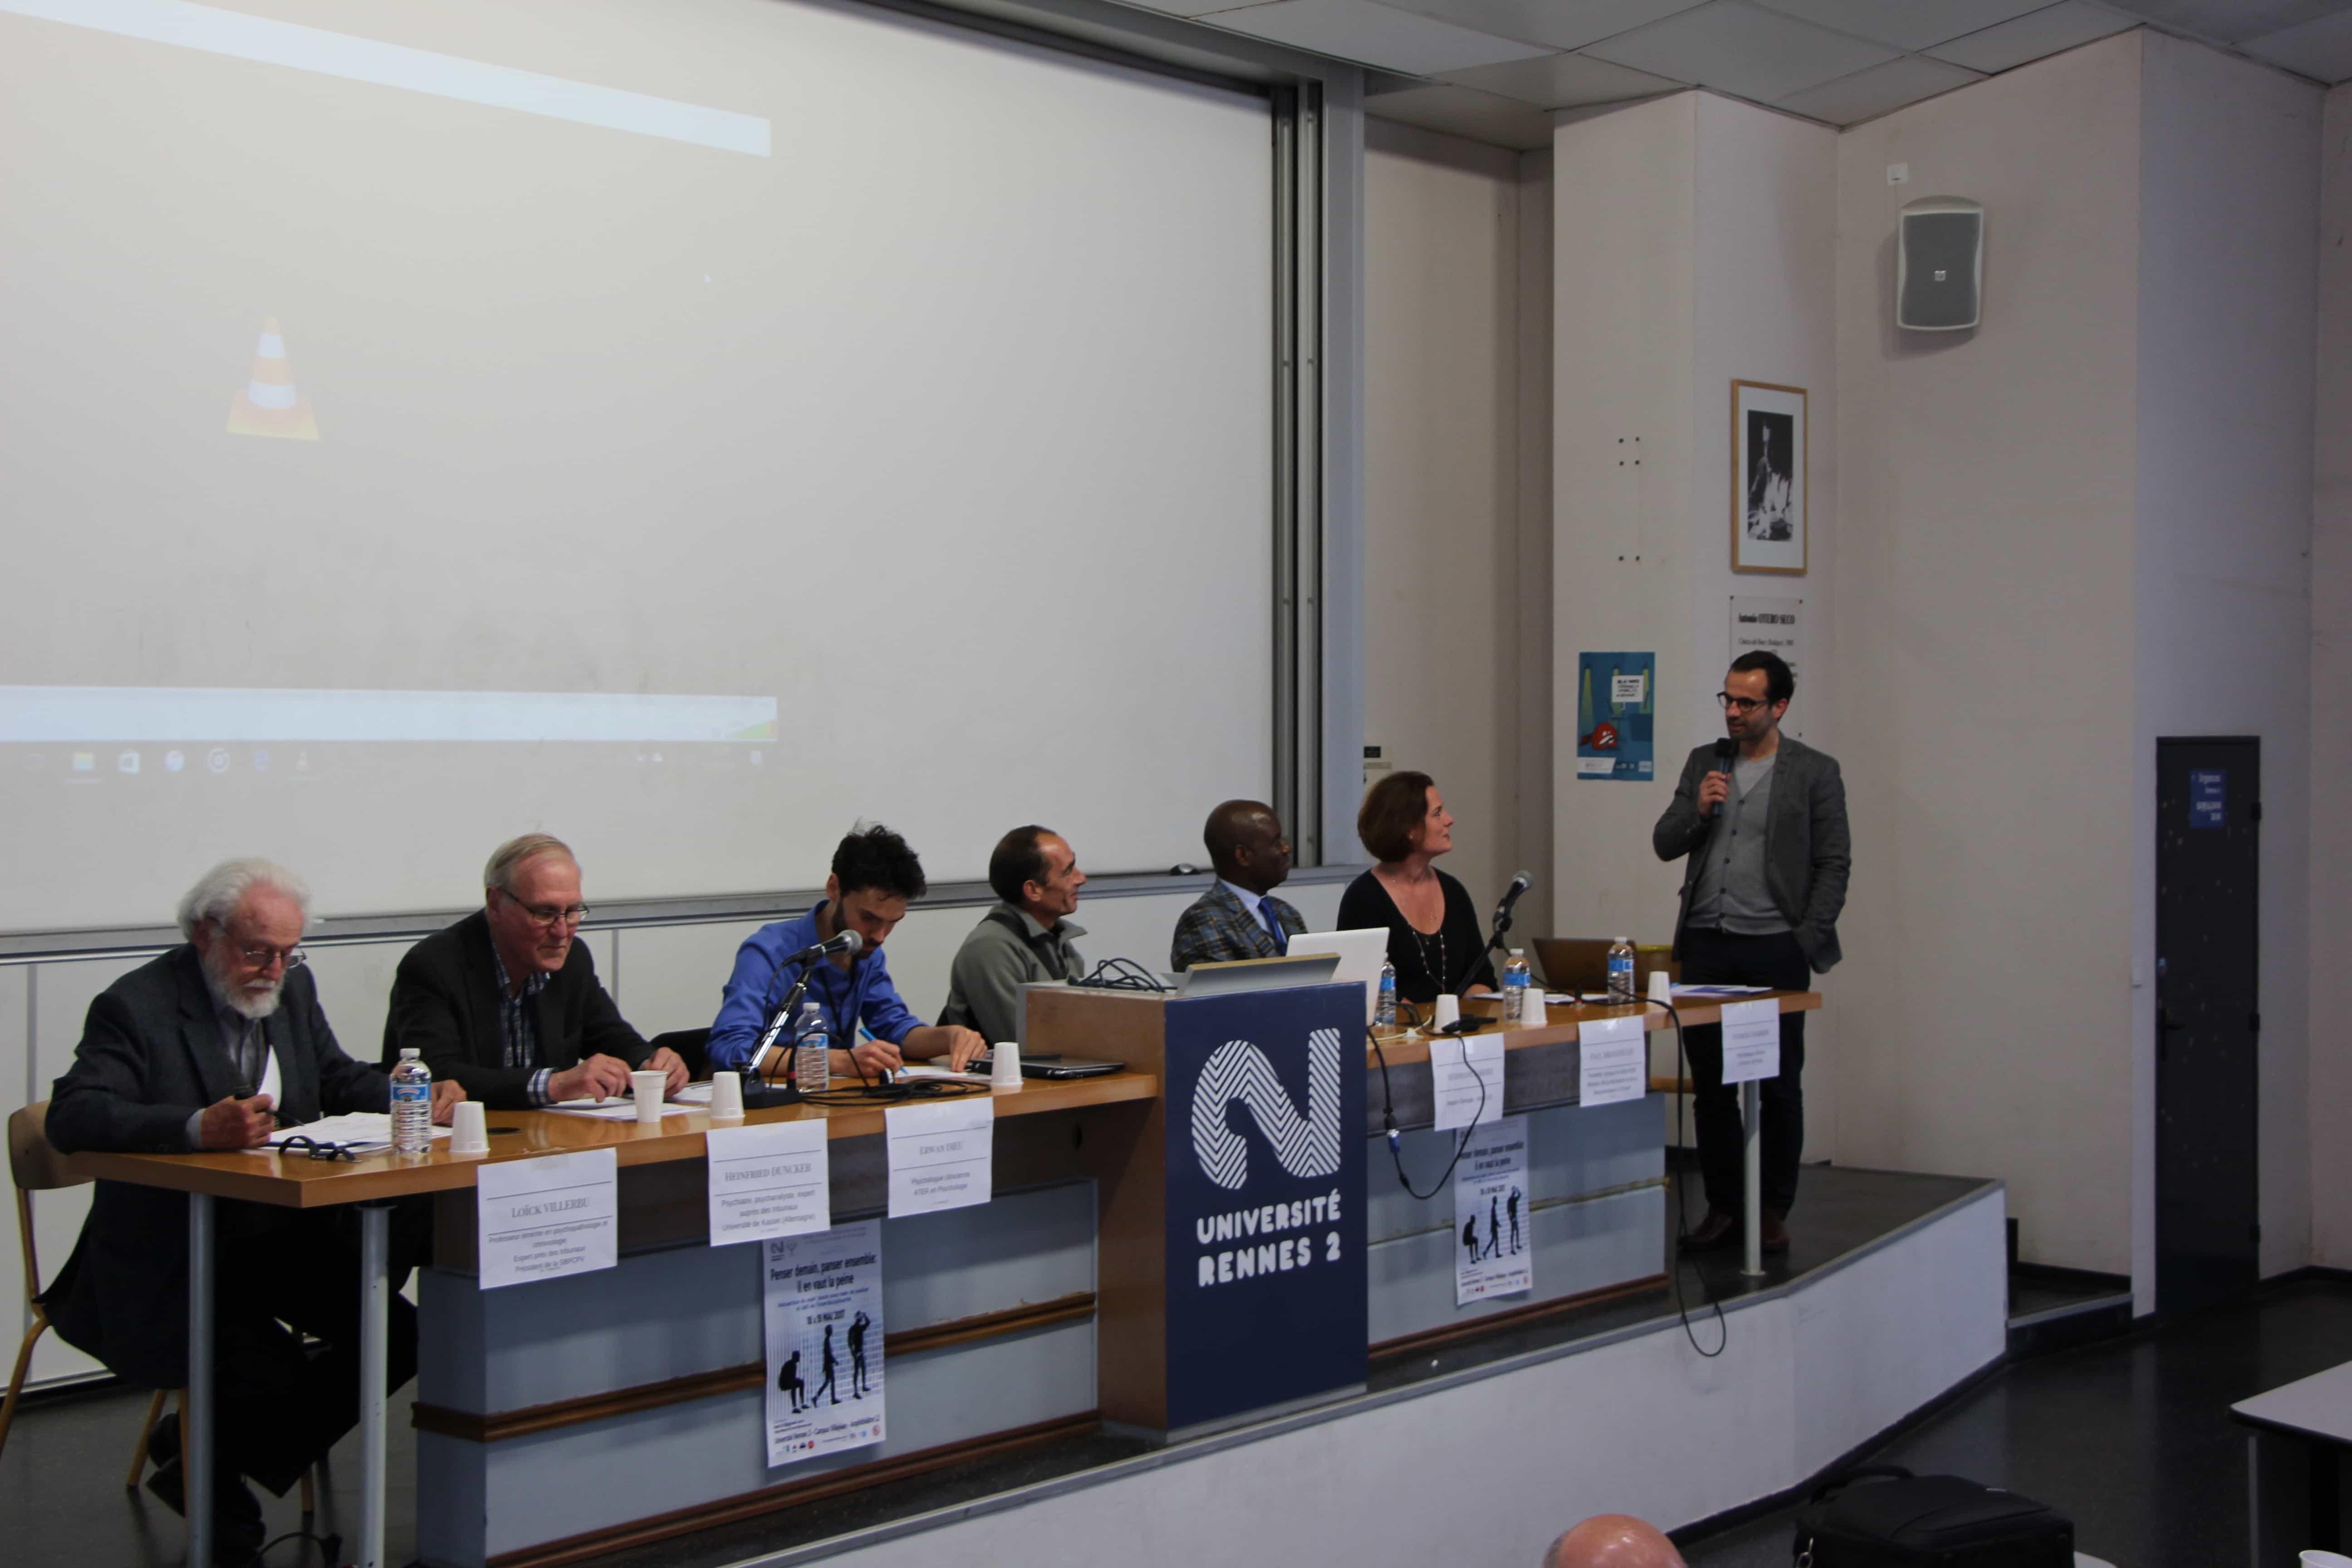 17èmes Journées d'Etude Internationales de Psycho-Criminologie et Victimologie